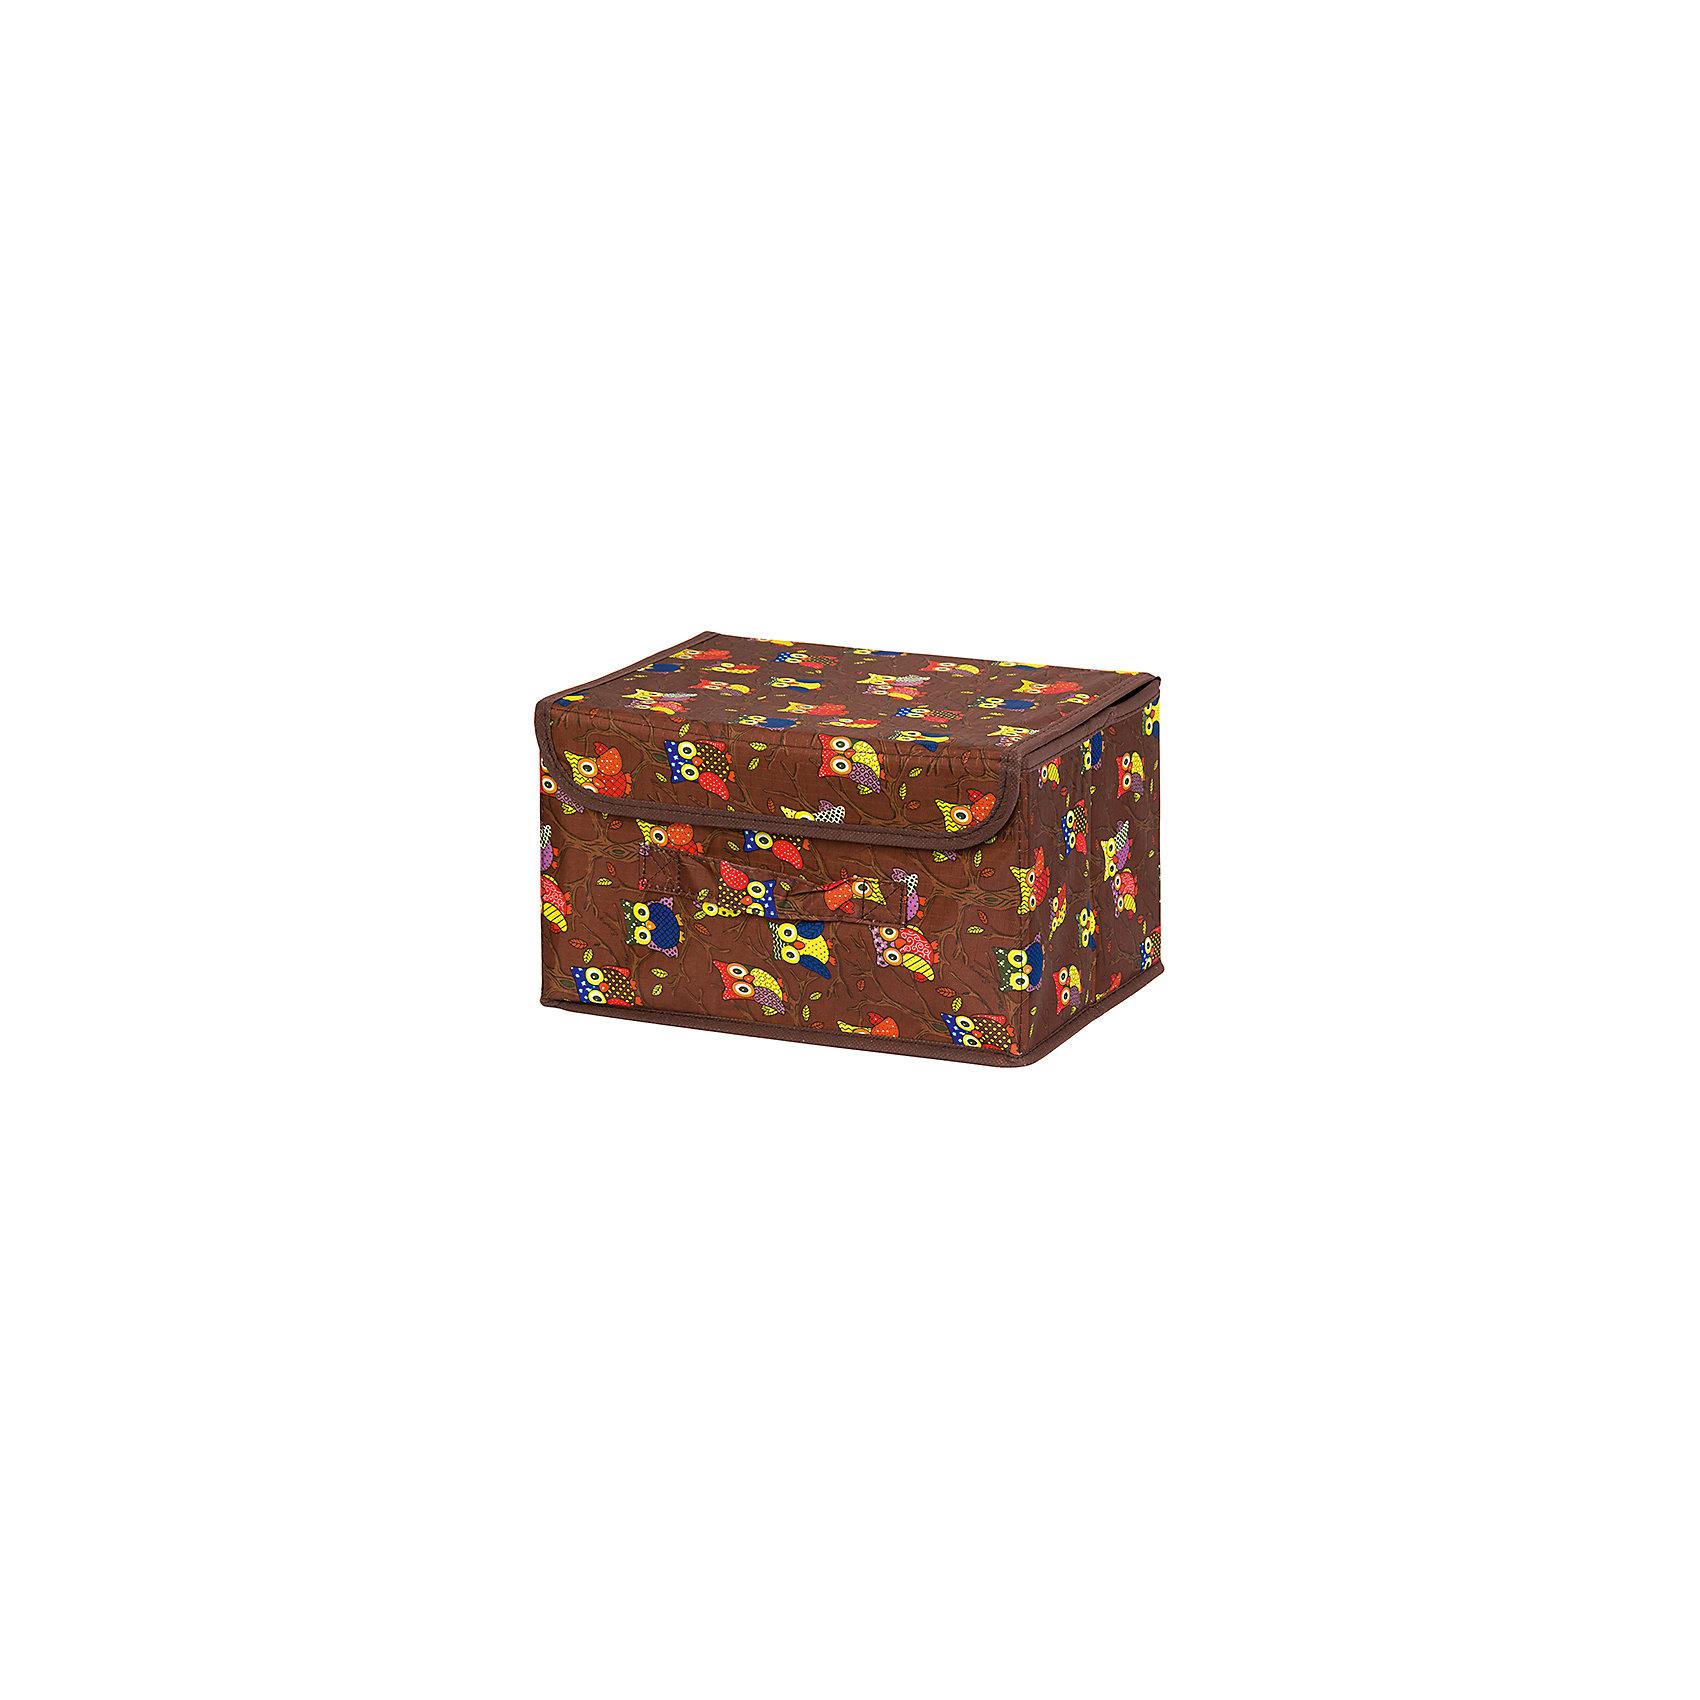 Кофр складной для хранения 26*20*16 см. Совы на ветках на коричневом, EL CasaПорядок в детской<br>Кофр  с жестким каркасом для хранения. Благодаря  специальным вставкам, кофр прекрасно держит форму, а эстетичный дизайн гармонично смотрится в любом интерьере. В нем можно хранить всевозможные предметы: книги, игрушки, рукоделие. Для удобства крышка и ручка.<br><br>Ширина мм: 270<br>Глубина мм: 210<br>Высота мм: 27<br>Вес г: 400<br>Возраст от месяцев: 0<br>Возраст до месяцев: 1188<br>Пол: Унисекс<br>Возраст: Детский<br>SKU: 6668733